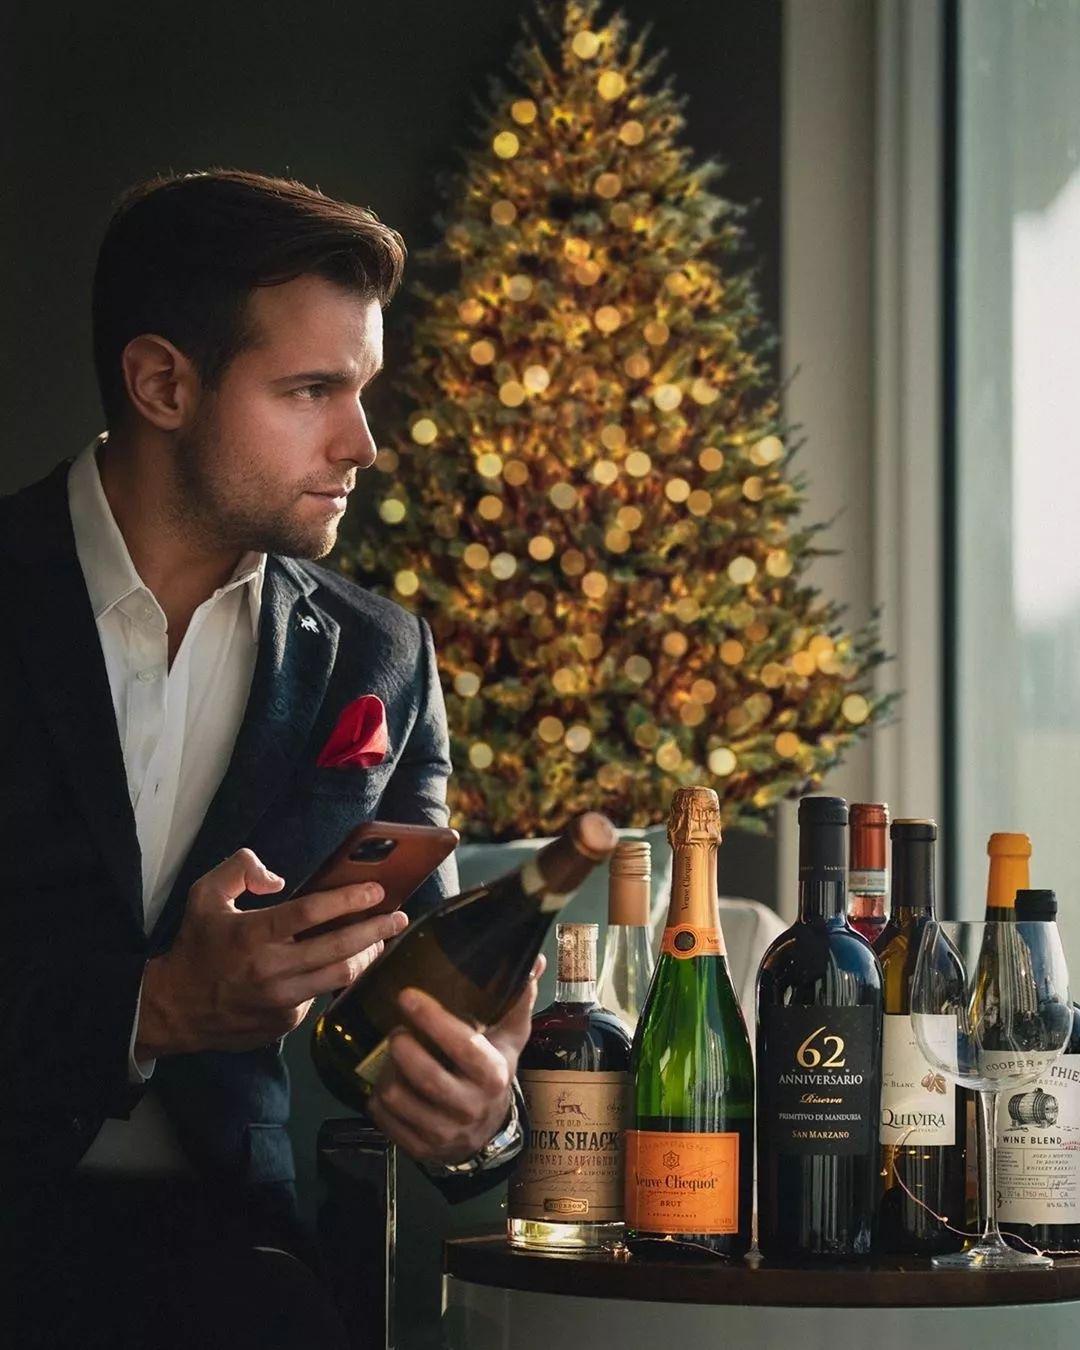 相信我 你永远无法用英语在法国点一杯正宗红酒